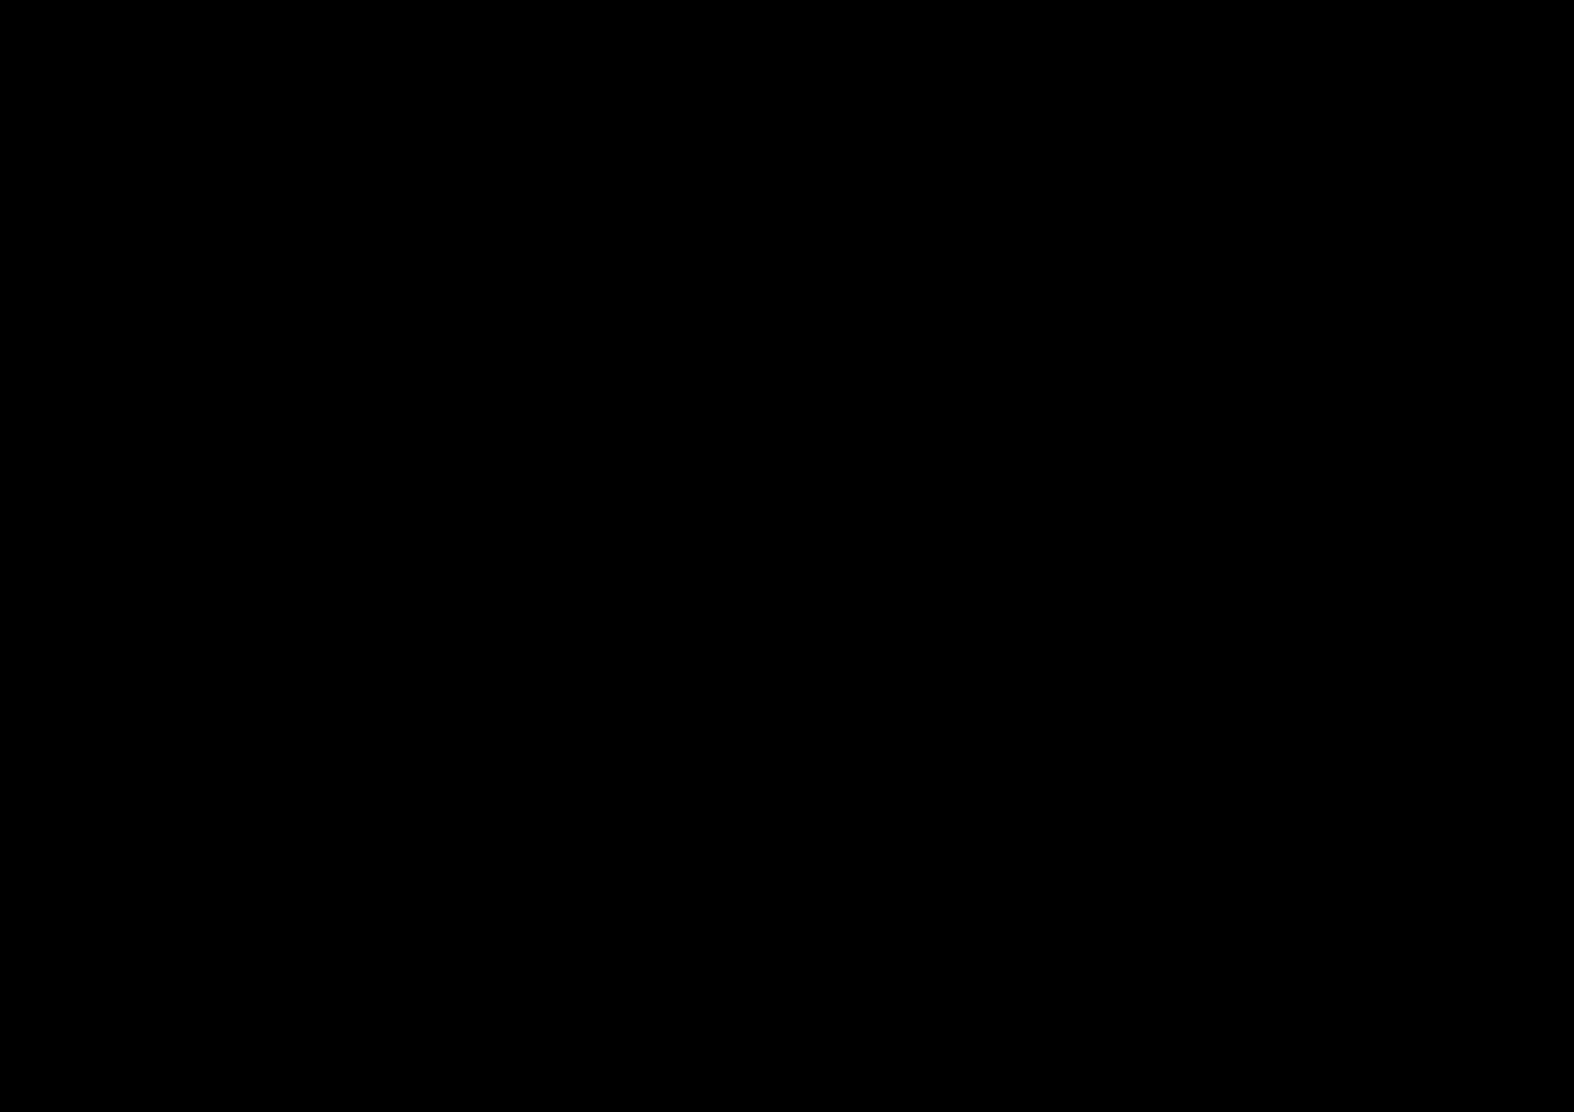 杨猛 220kV变电所电气主接线图